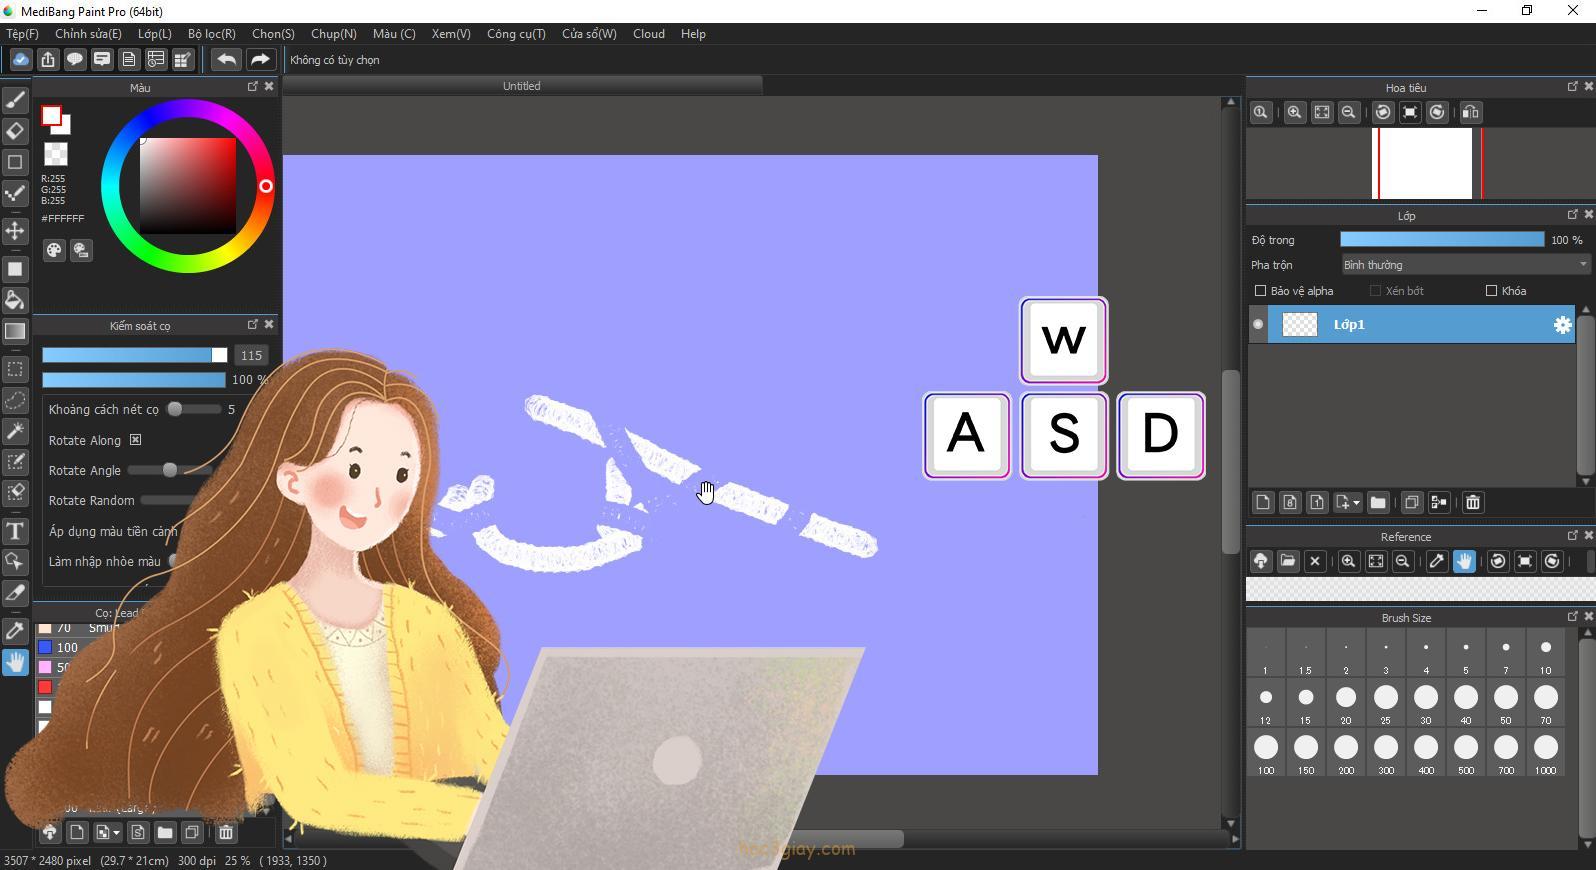 Bảng phím tắt thông dụng nhất trong MediBang Paint Pro nên biết